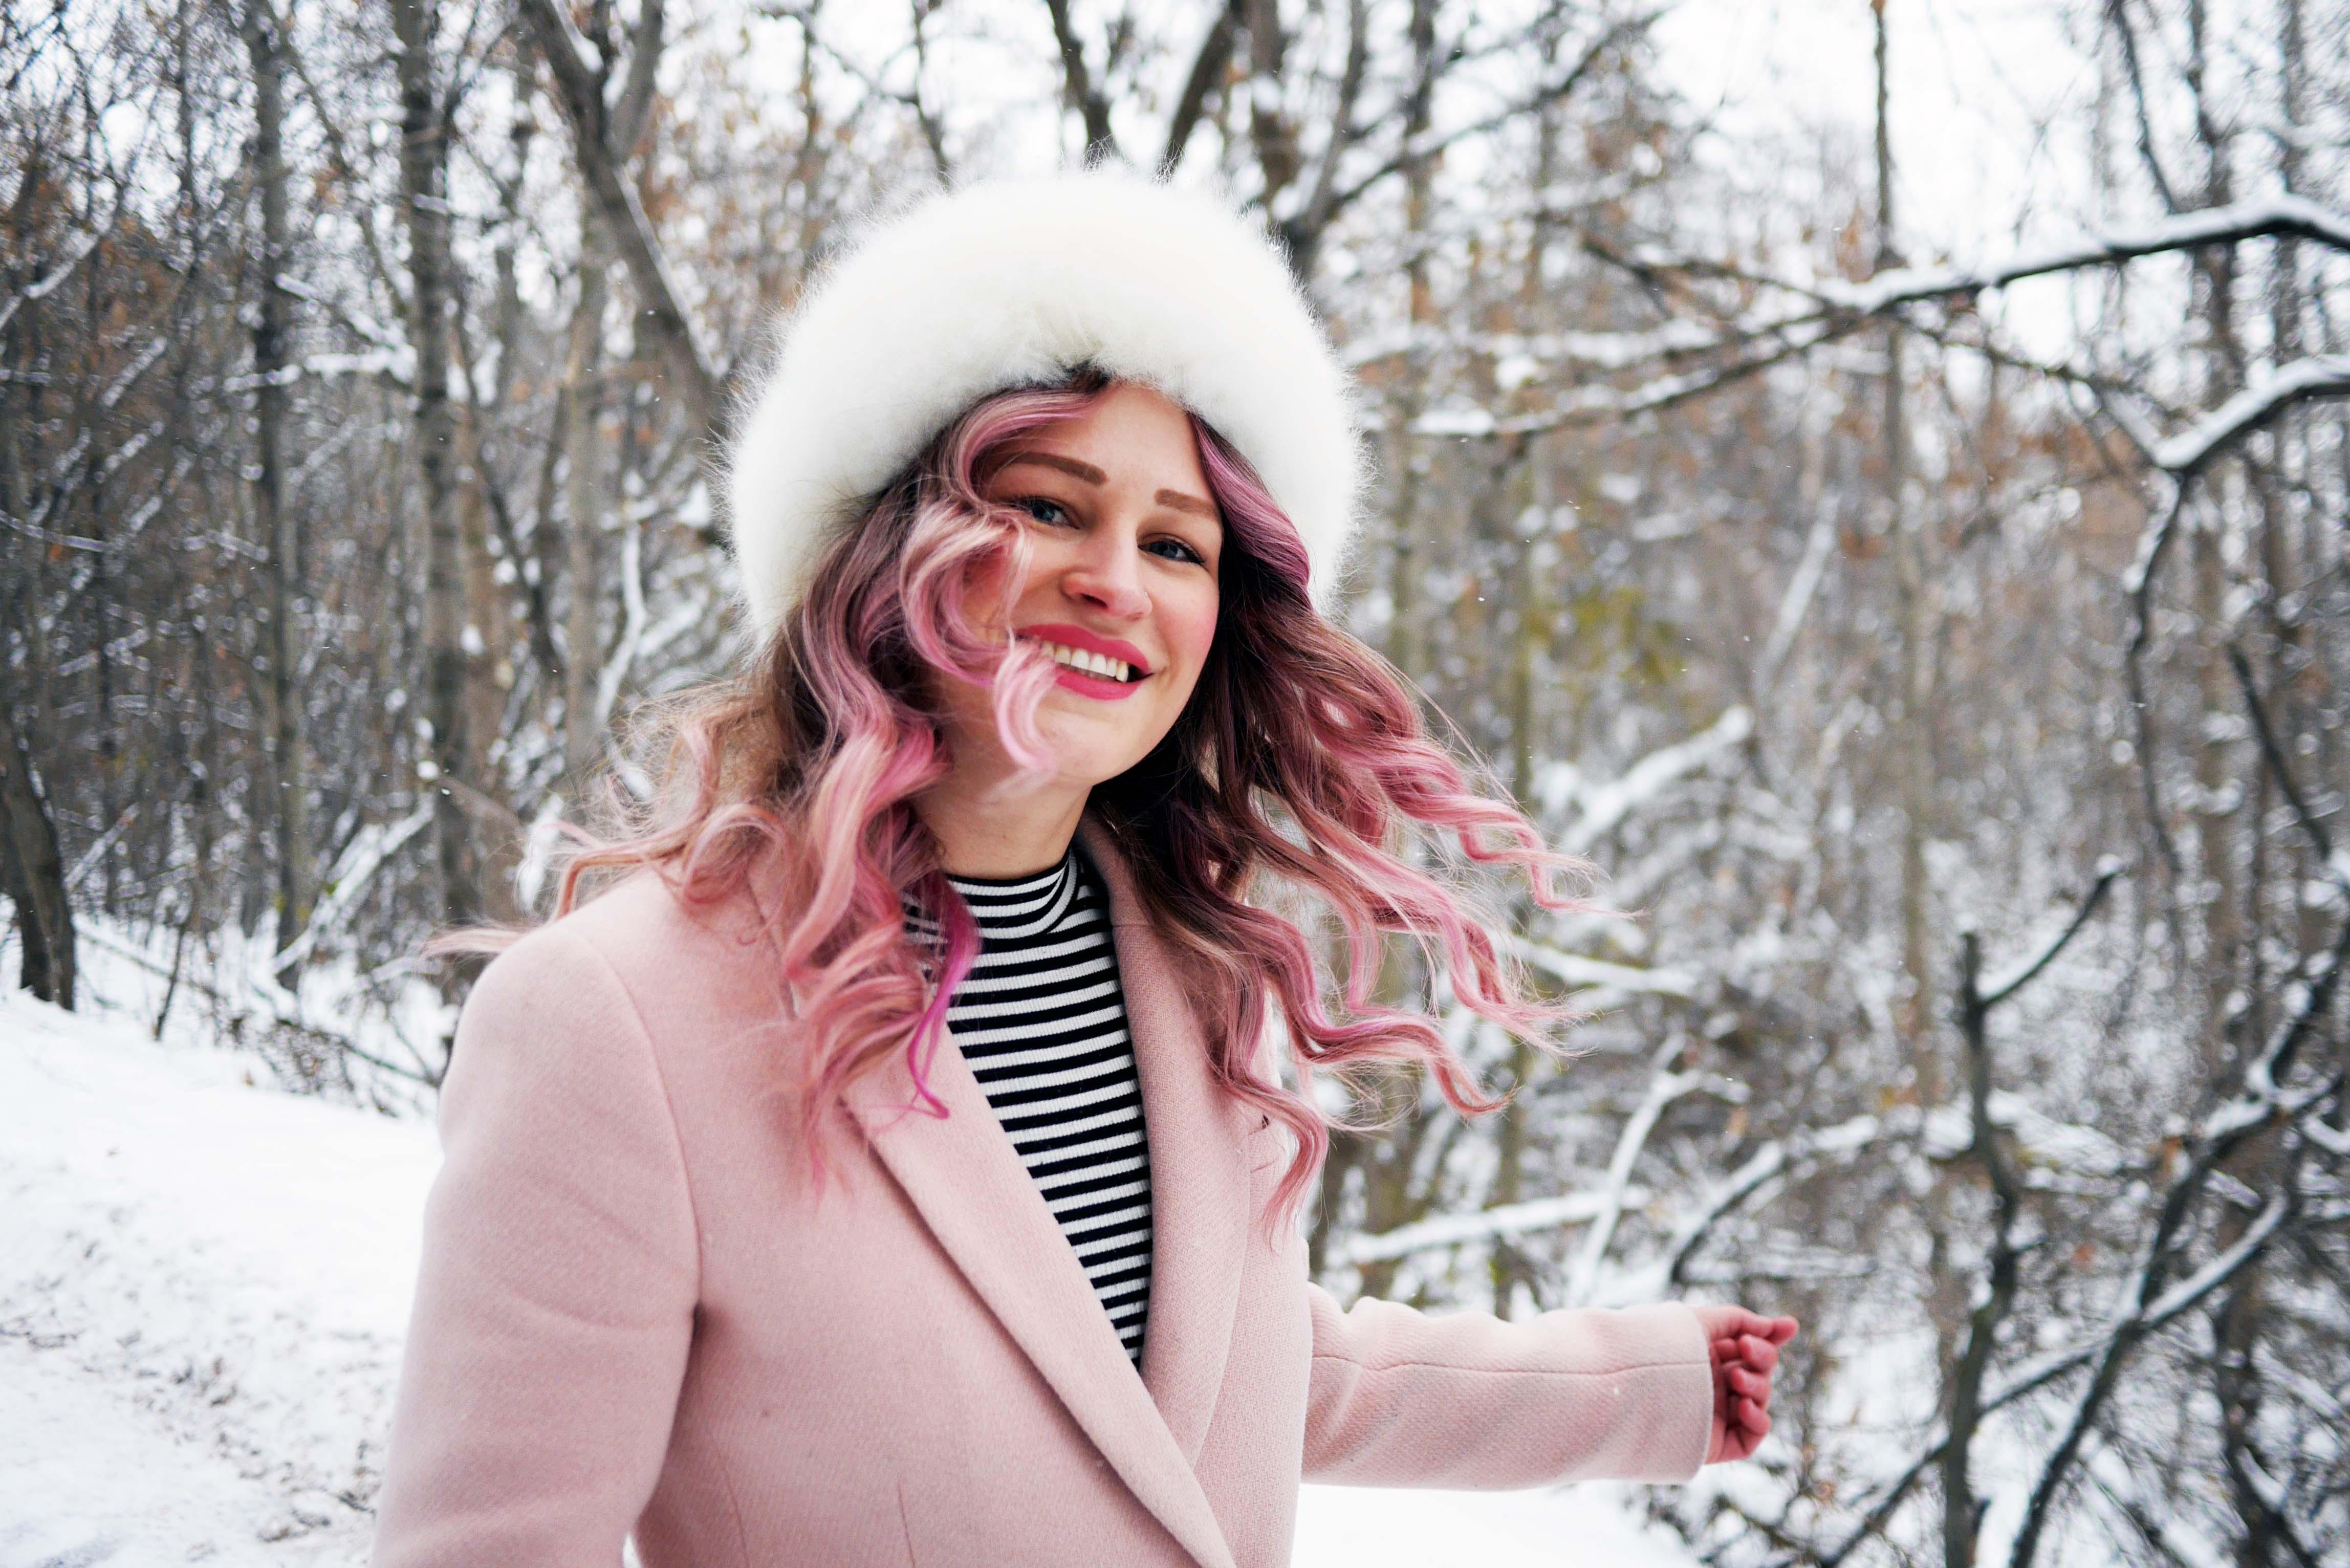 winter-wonderland-style-10